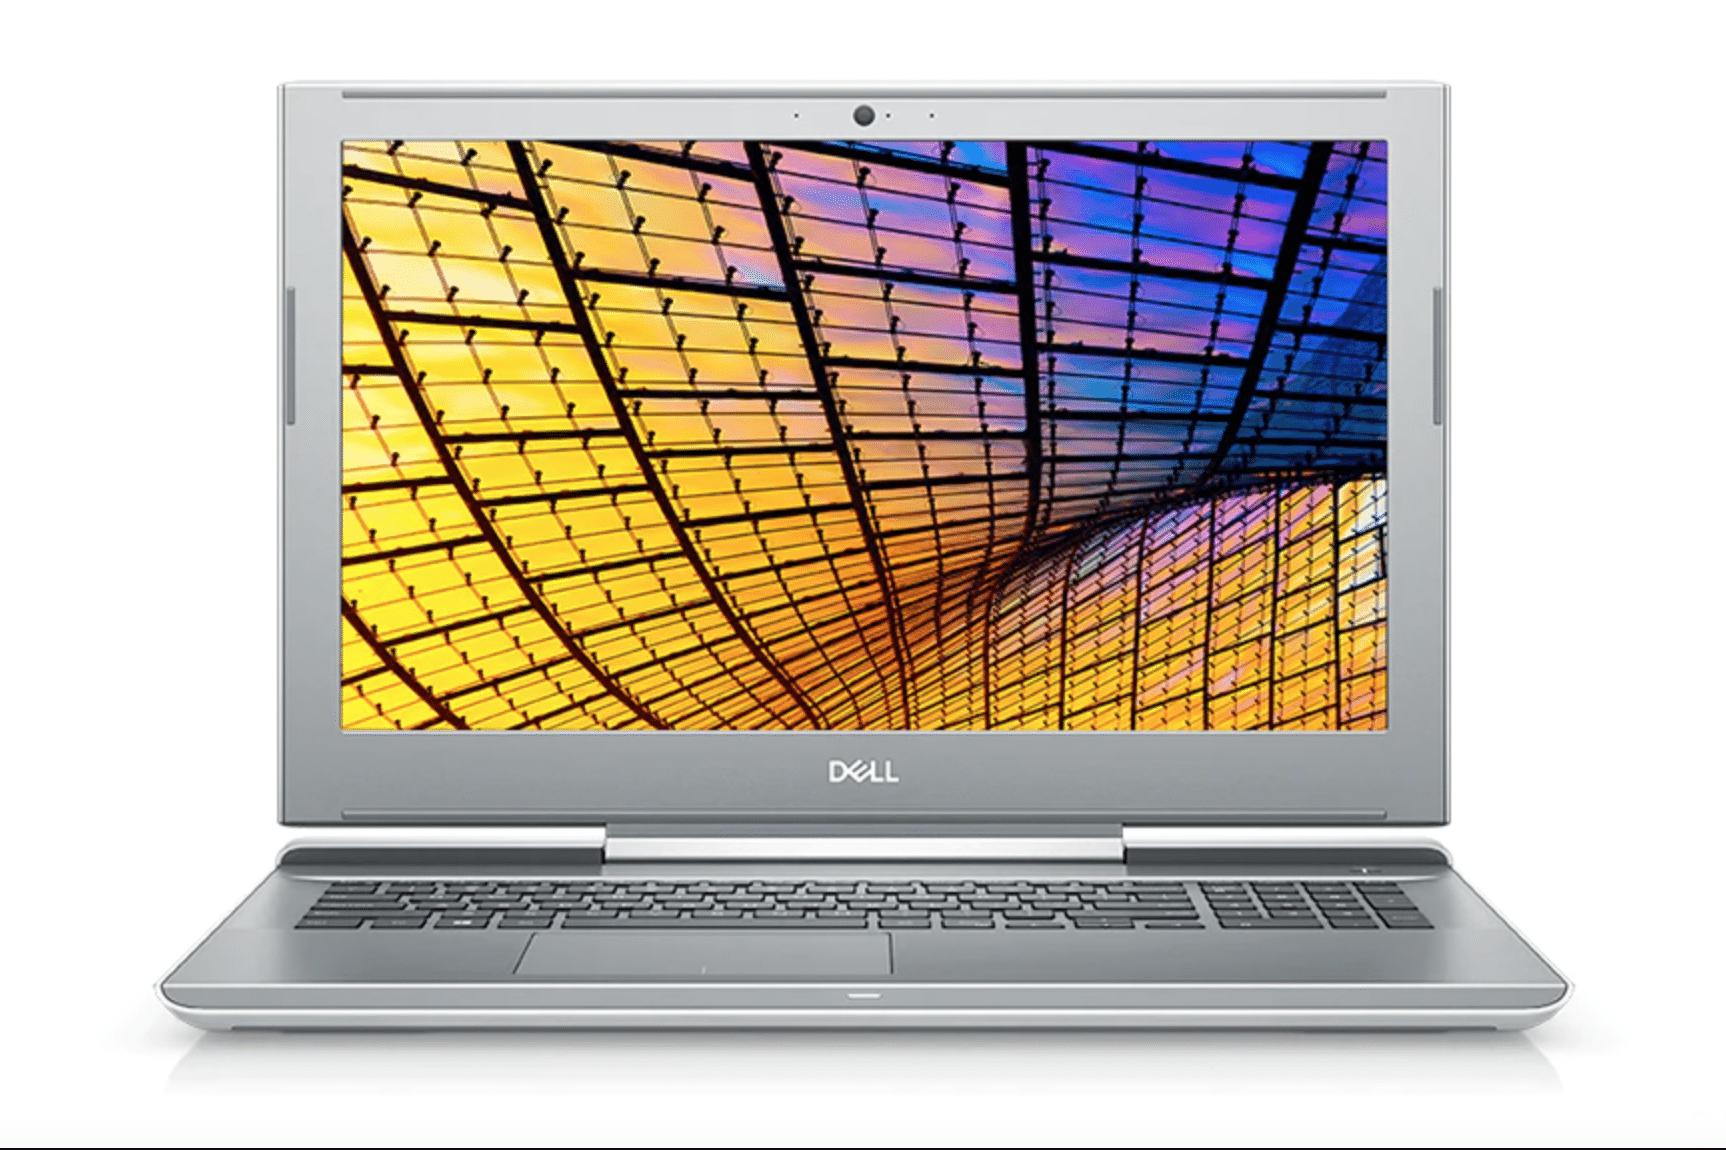 Dell 戴尔 Vostro 成就 15 7580 评测